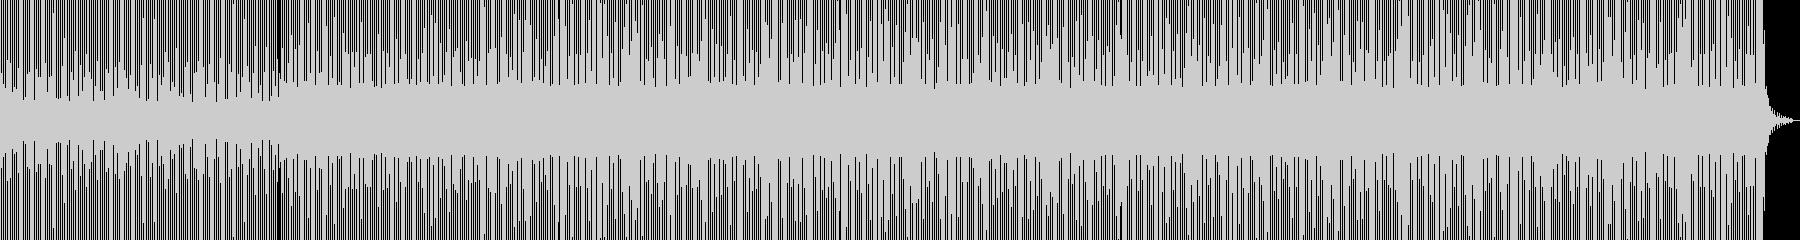 美しい神経の宇宙的鼓動、minimalの未再生の波形